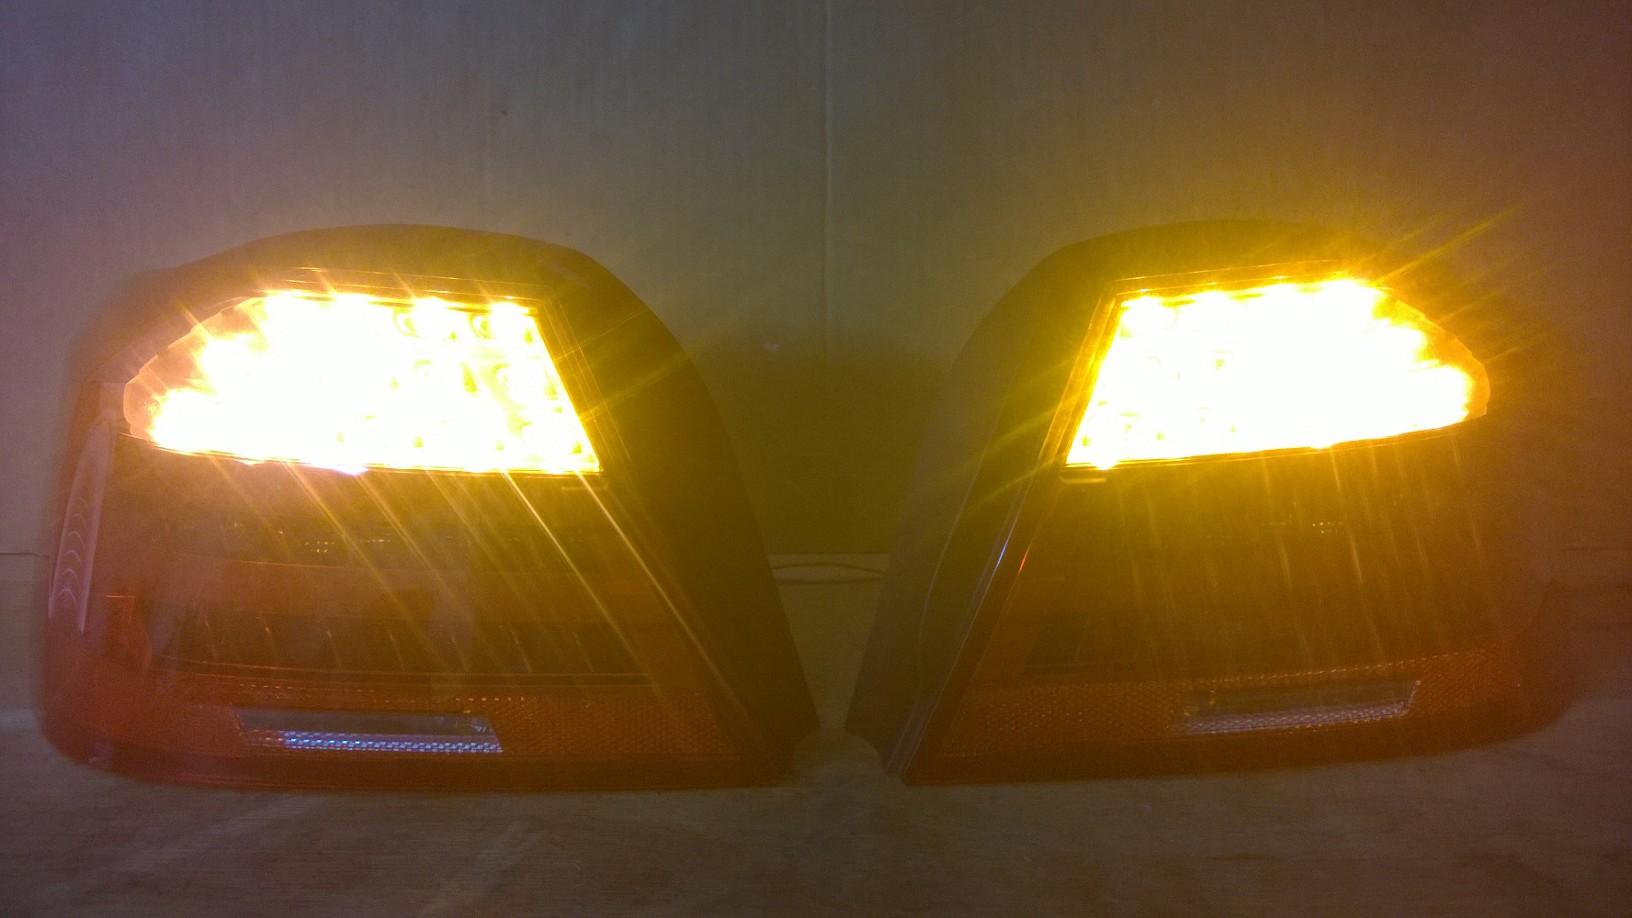 Reparatur von lampen led bmw seria 3 e93 cabrio face lift for Lampen reparatur